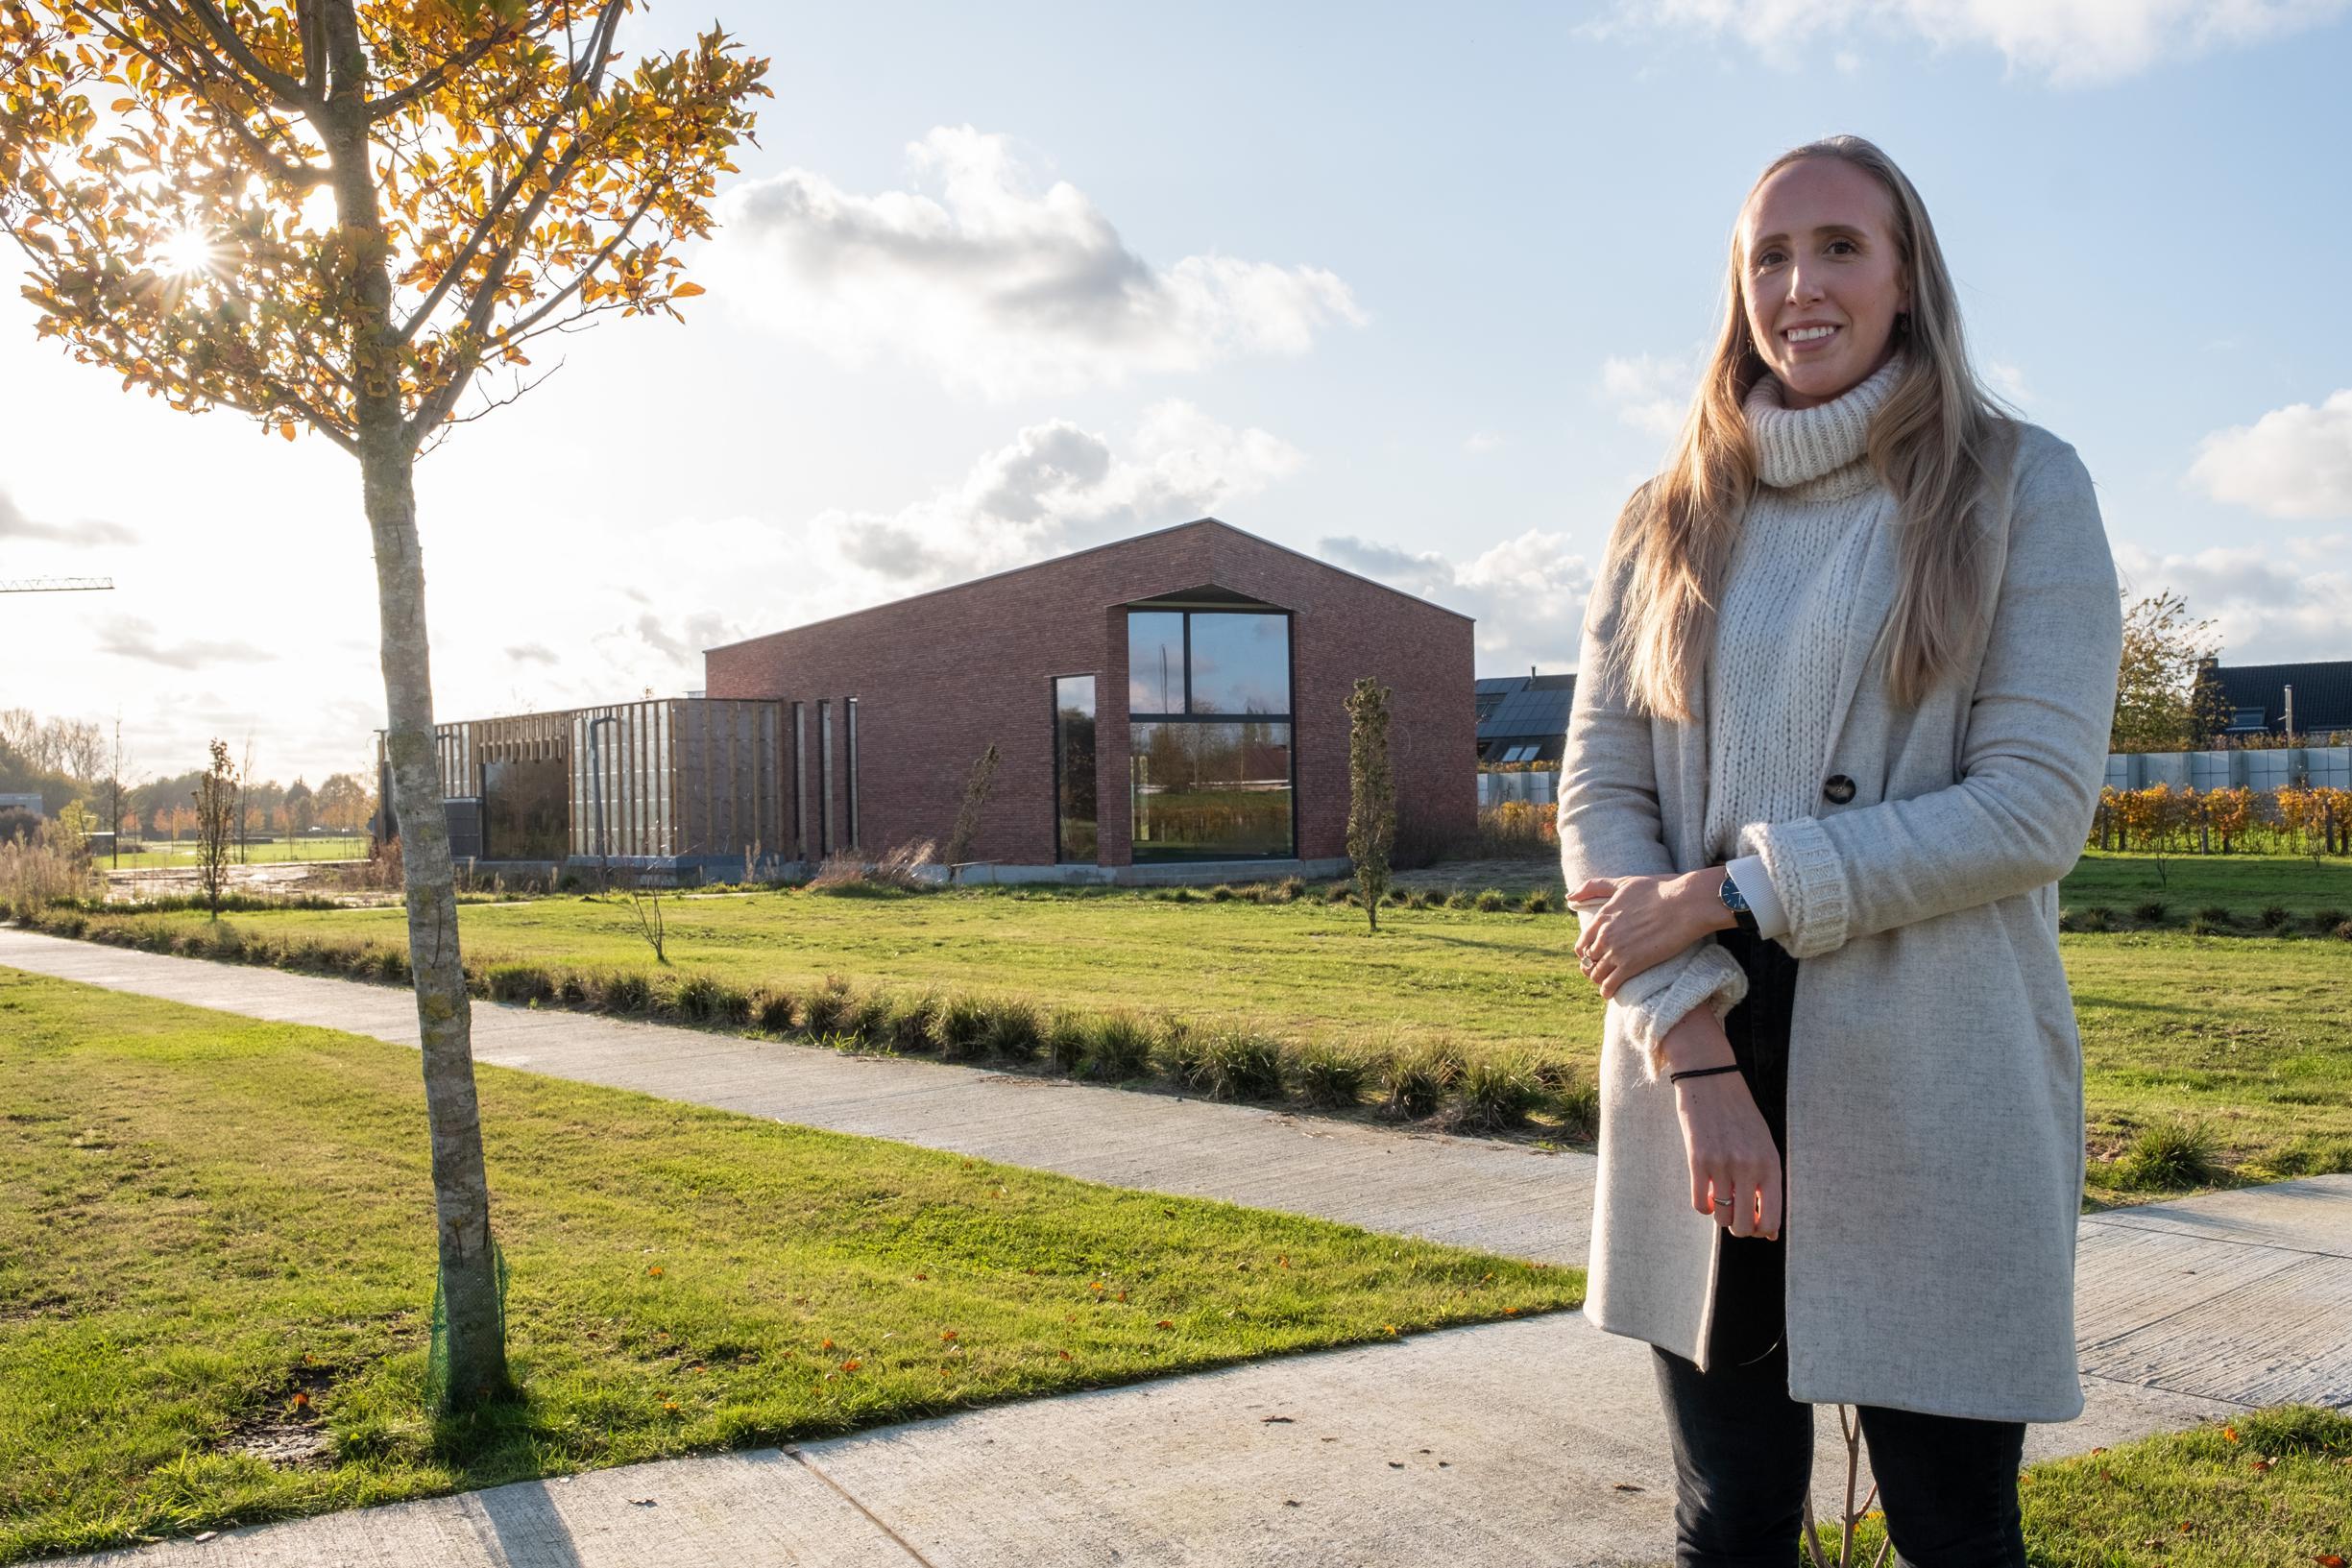 Nieuw uitvaartcentrum opent in voorjaar 2020 in Landschapspark